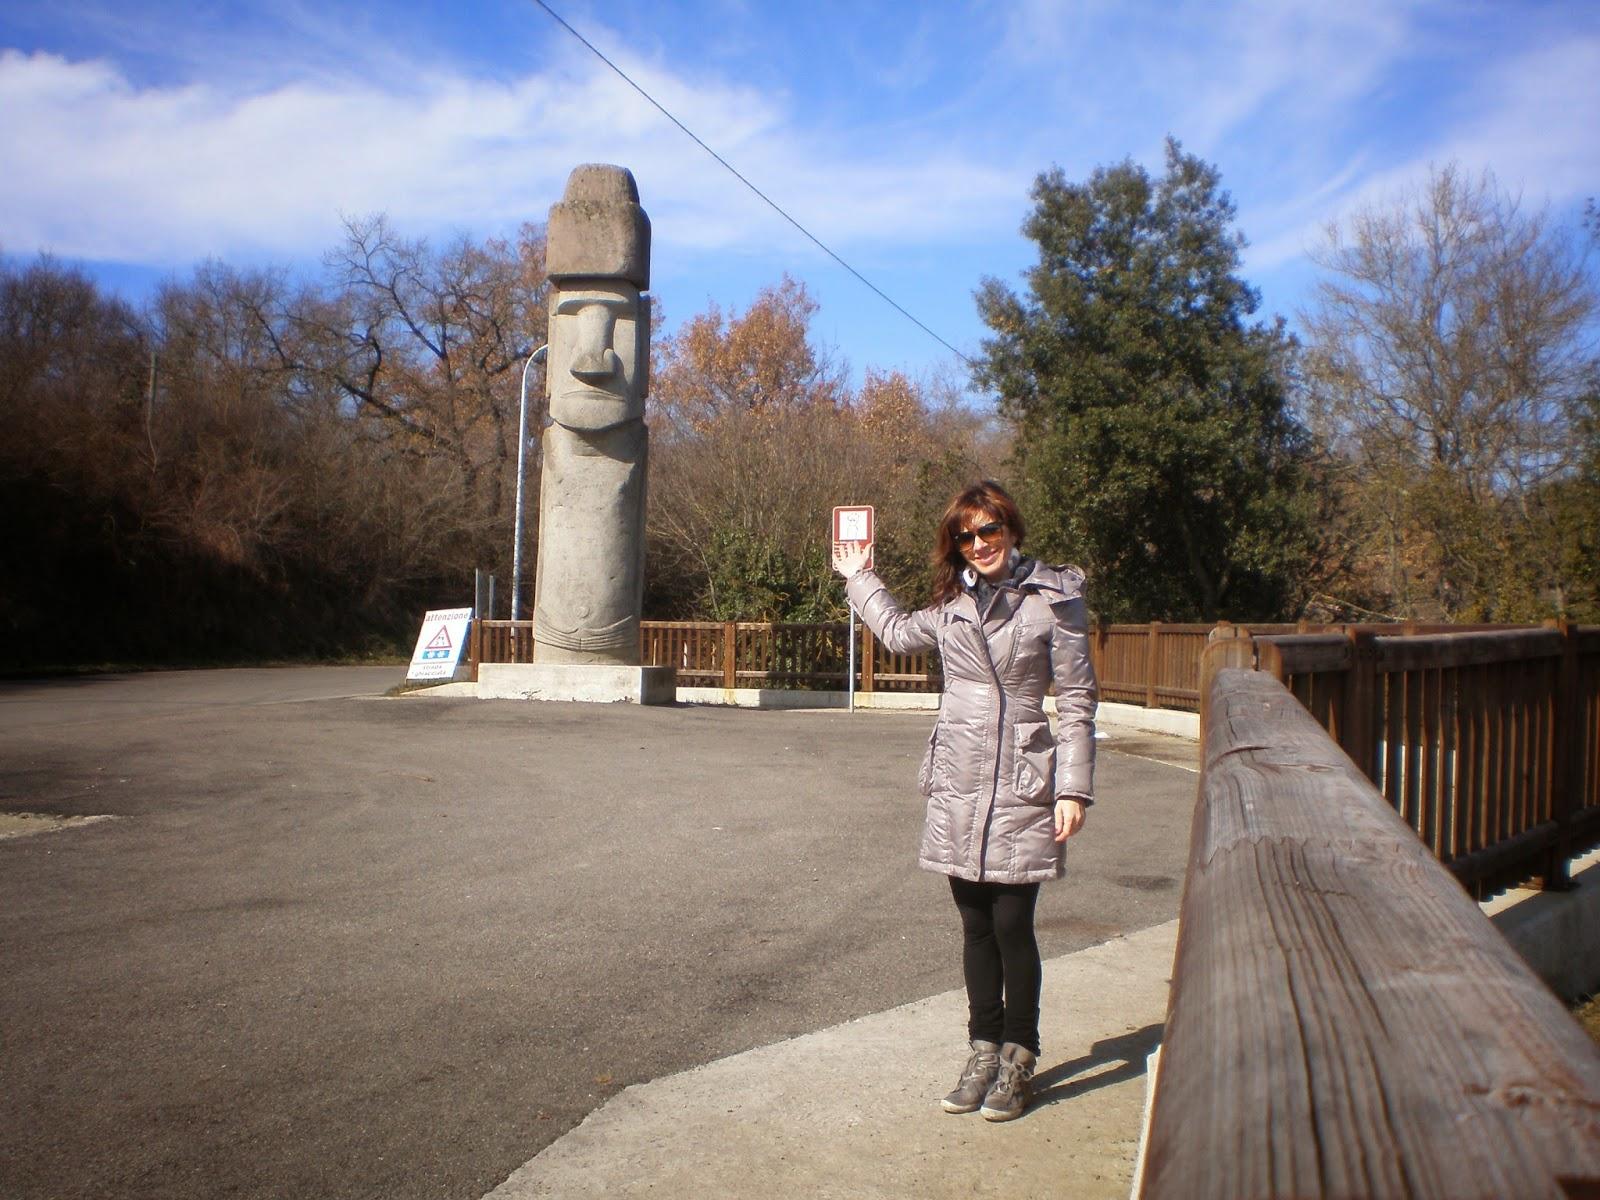 The Italian Moai